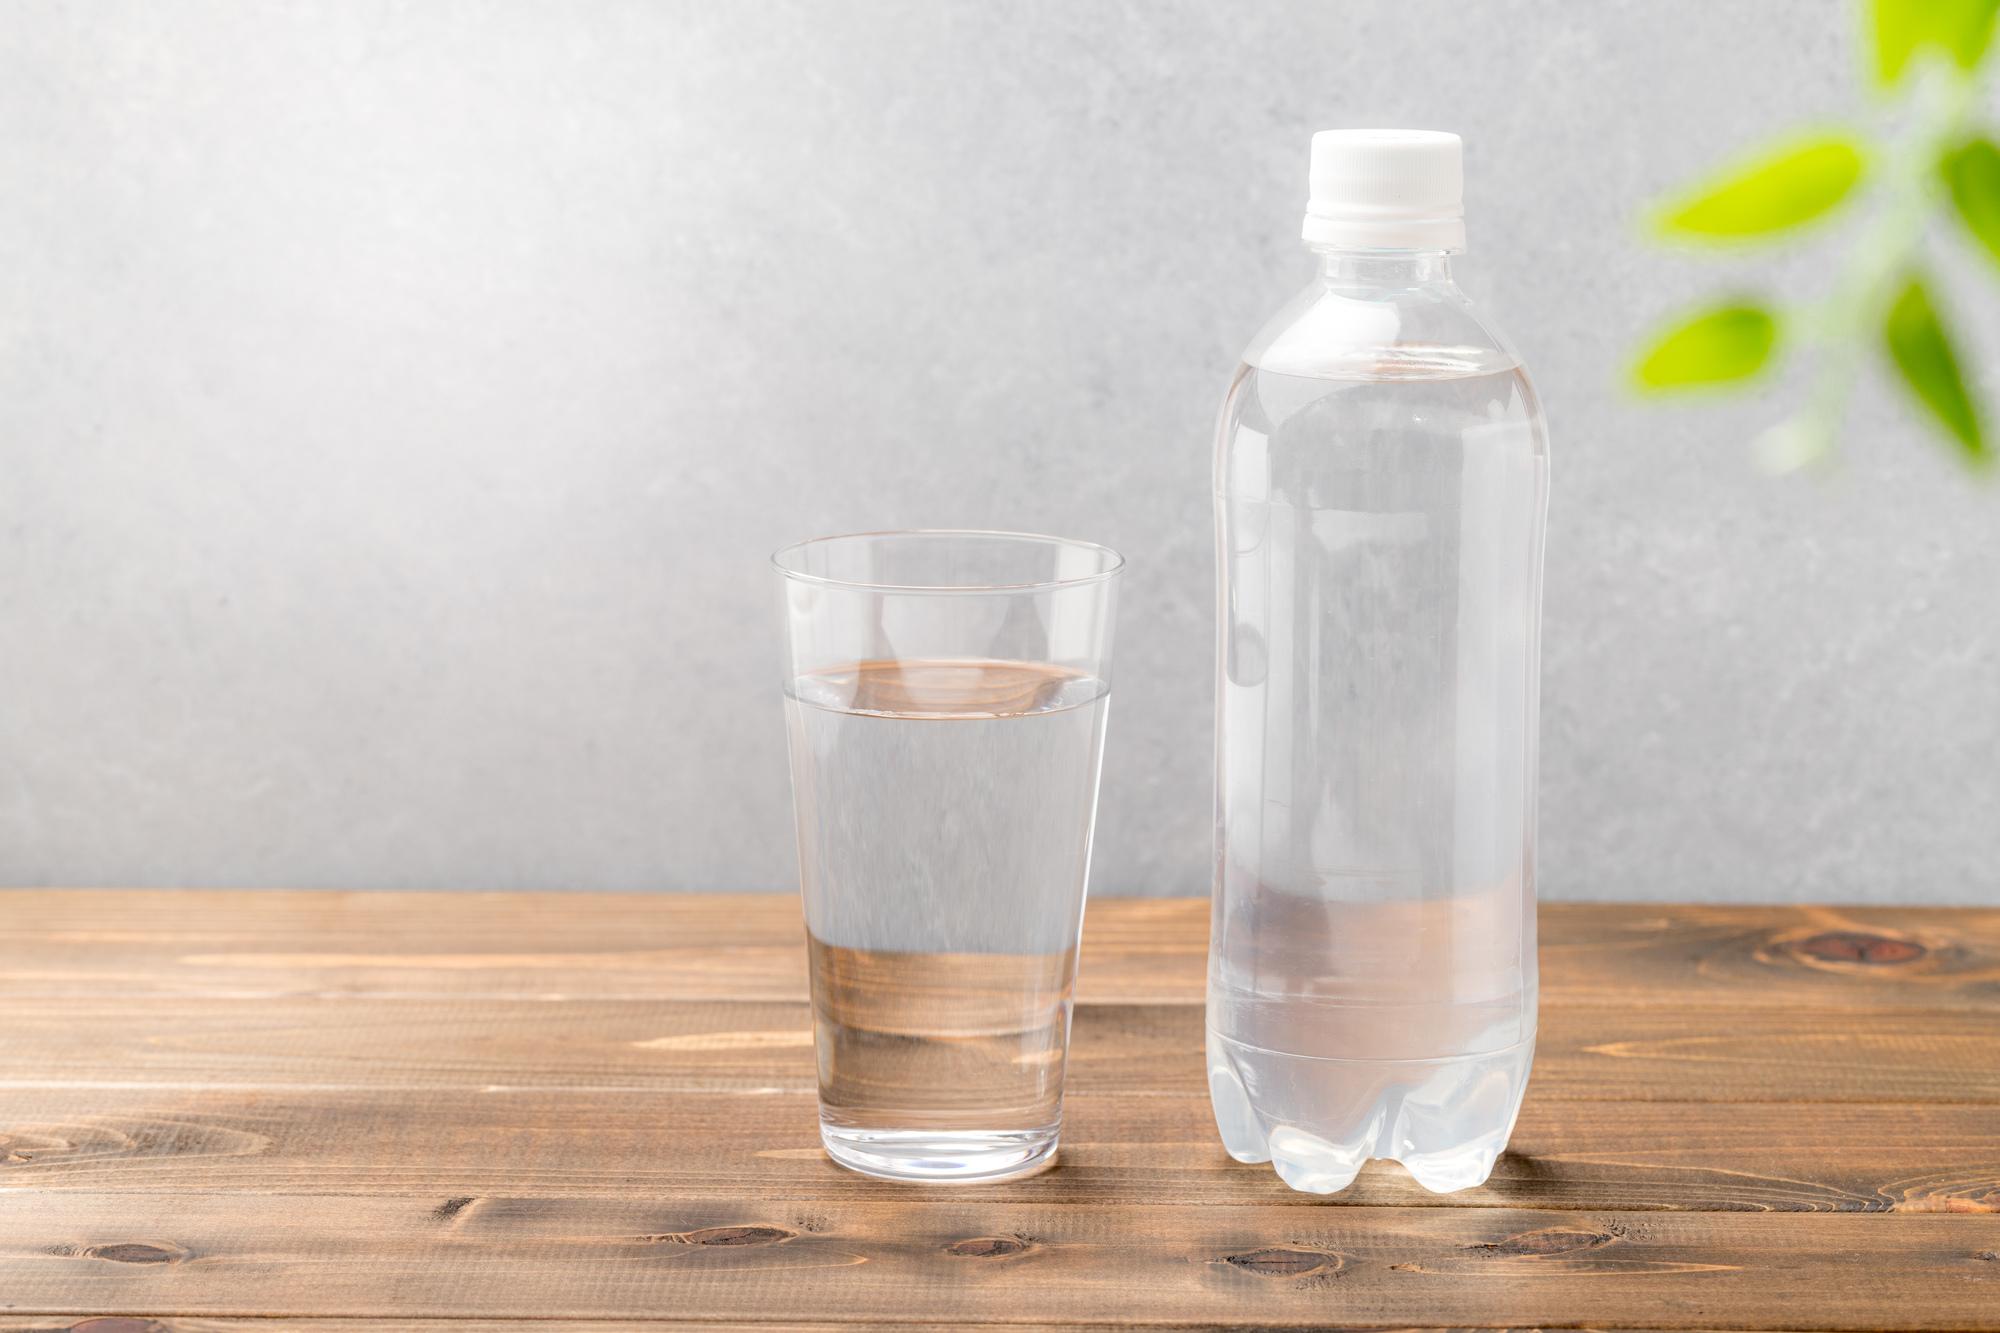 水が入ったコップとペットボトル